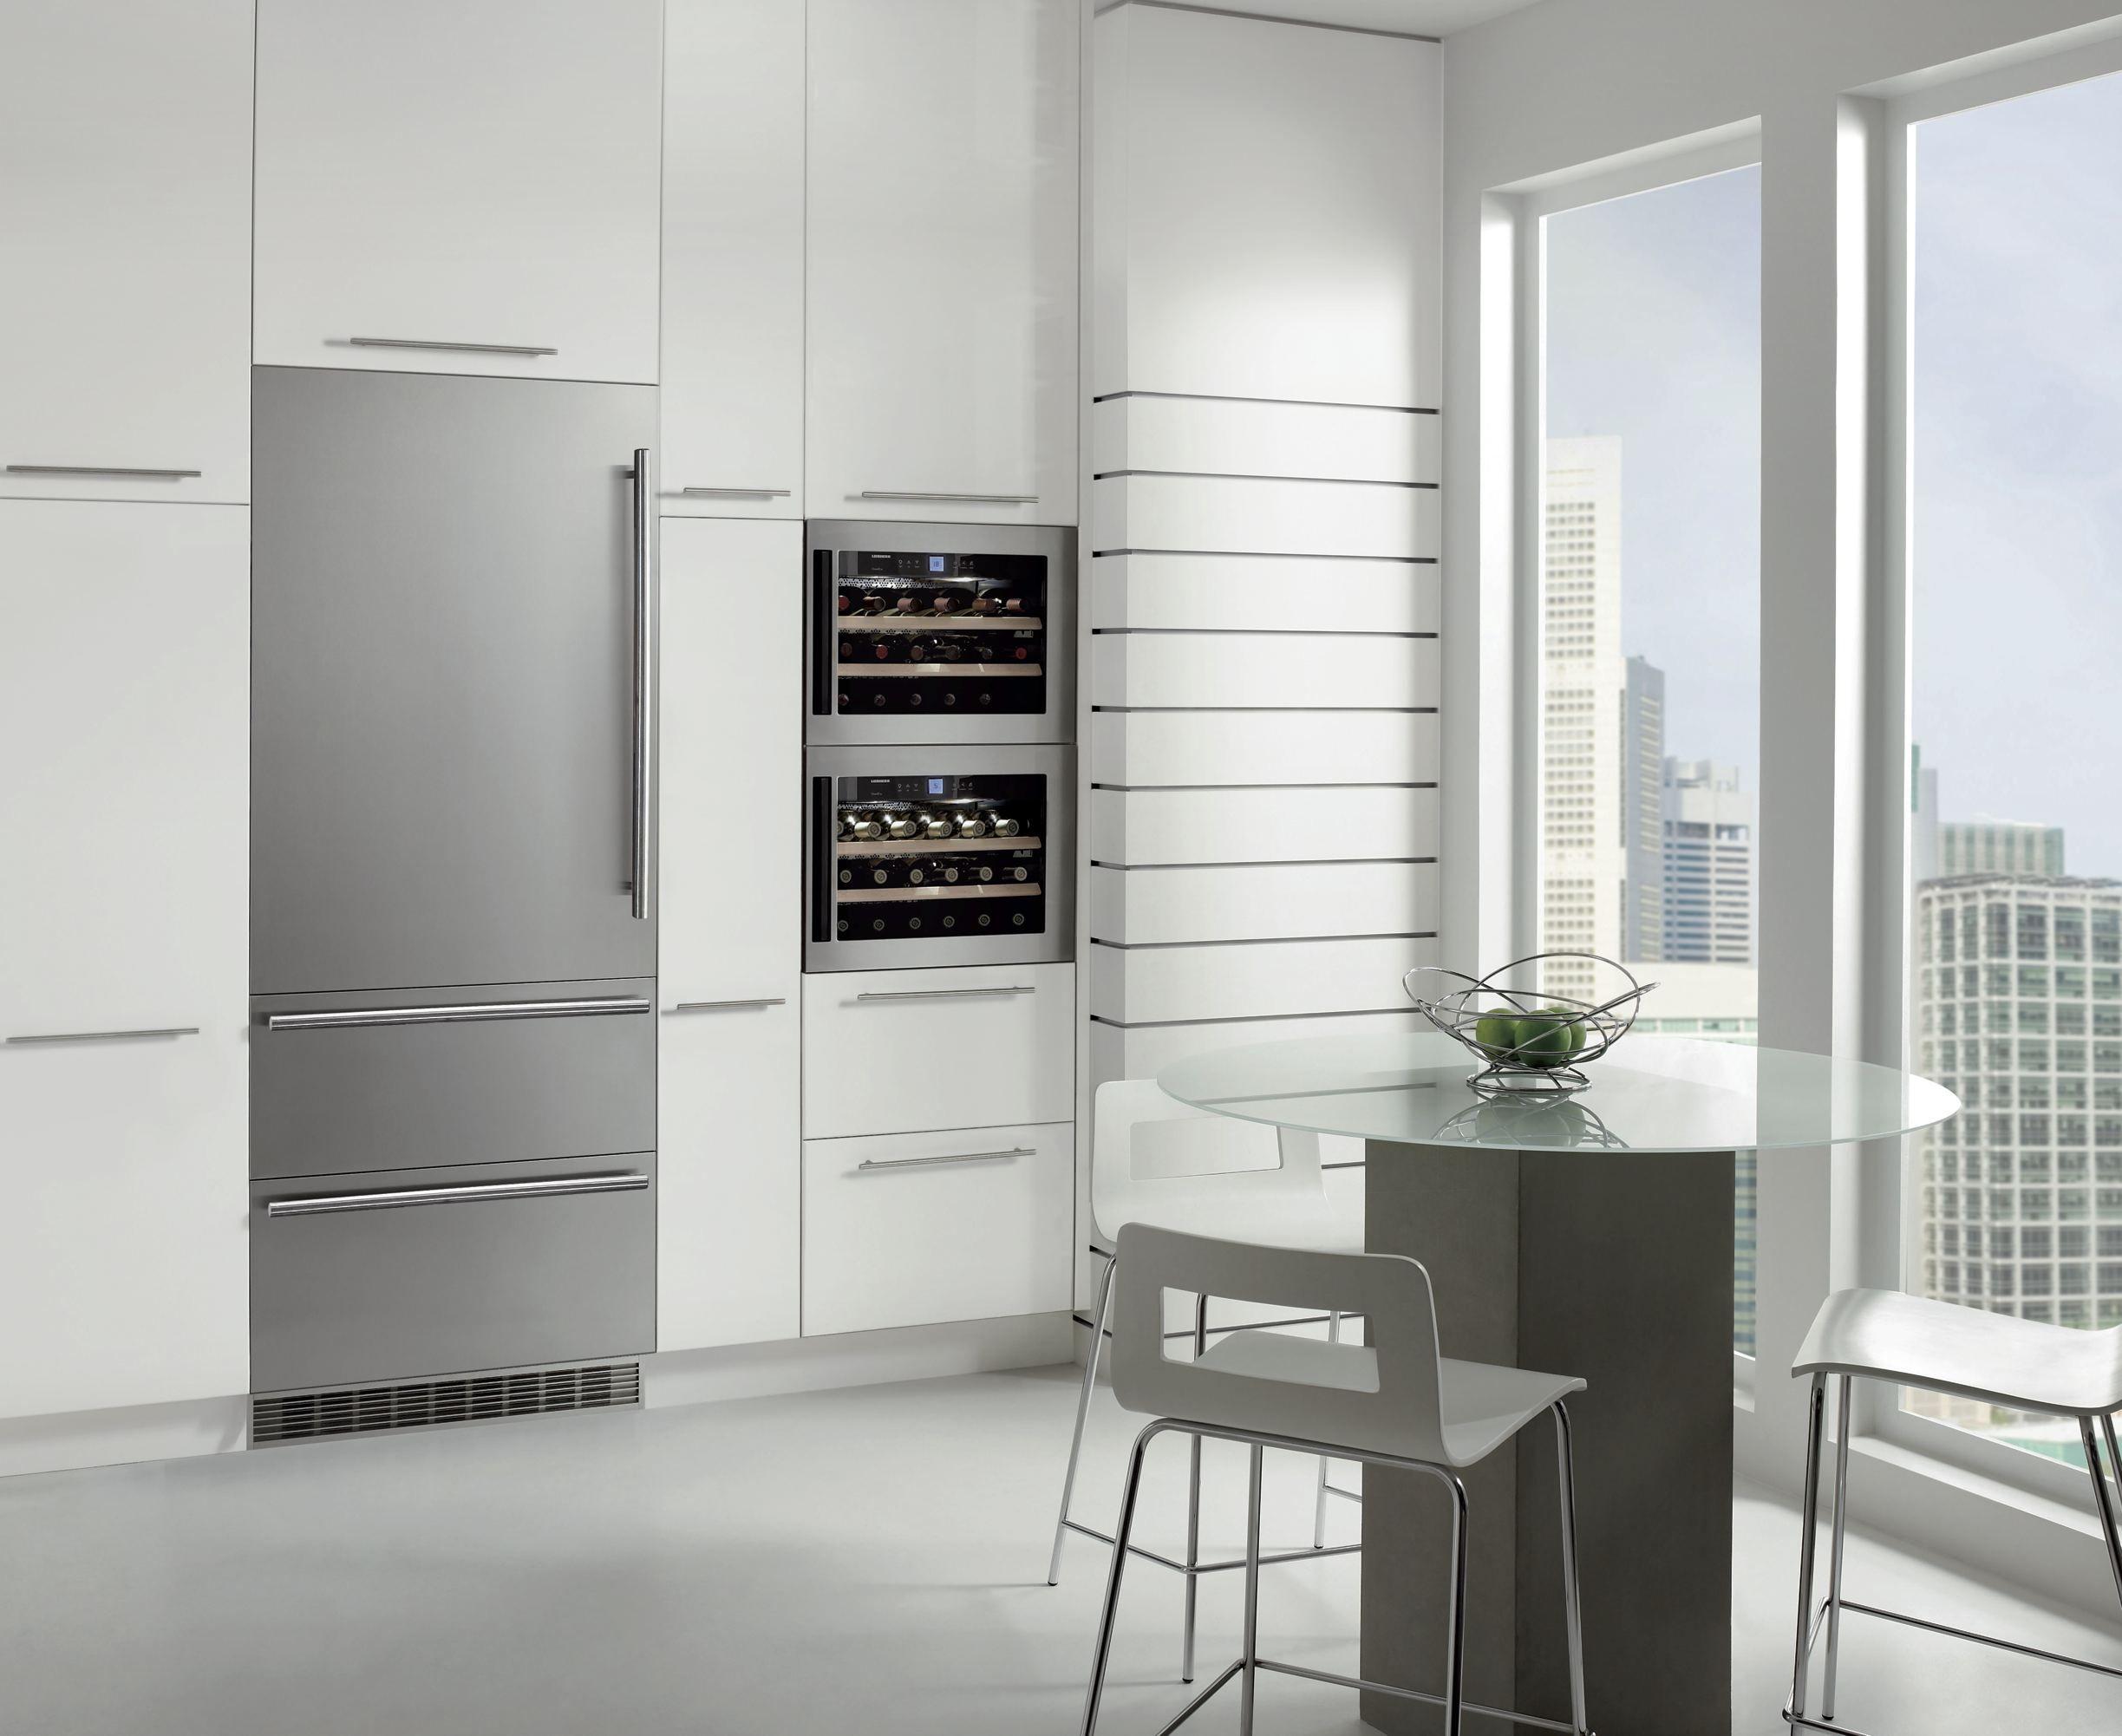 правила размещения холодильника в кухне